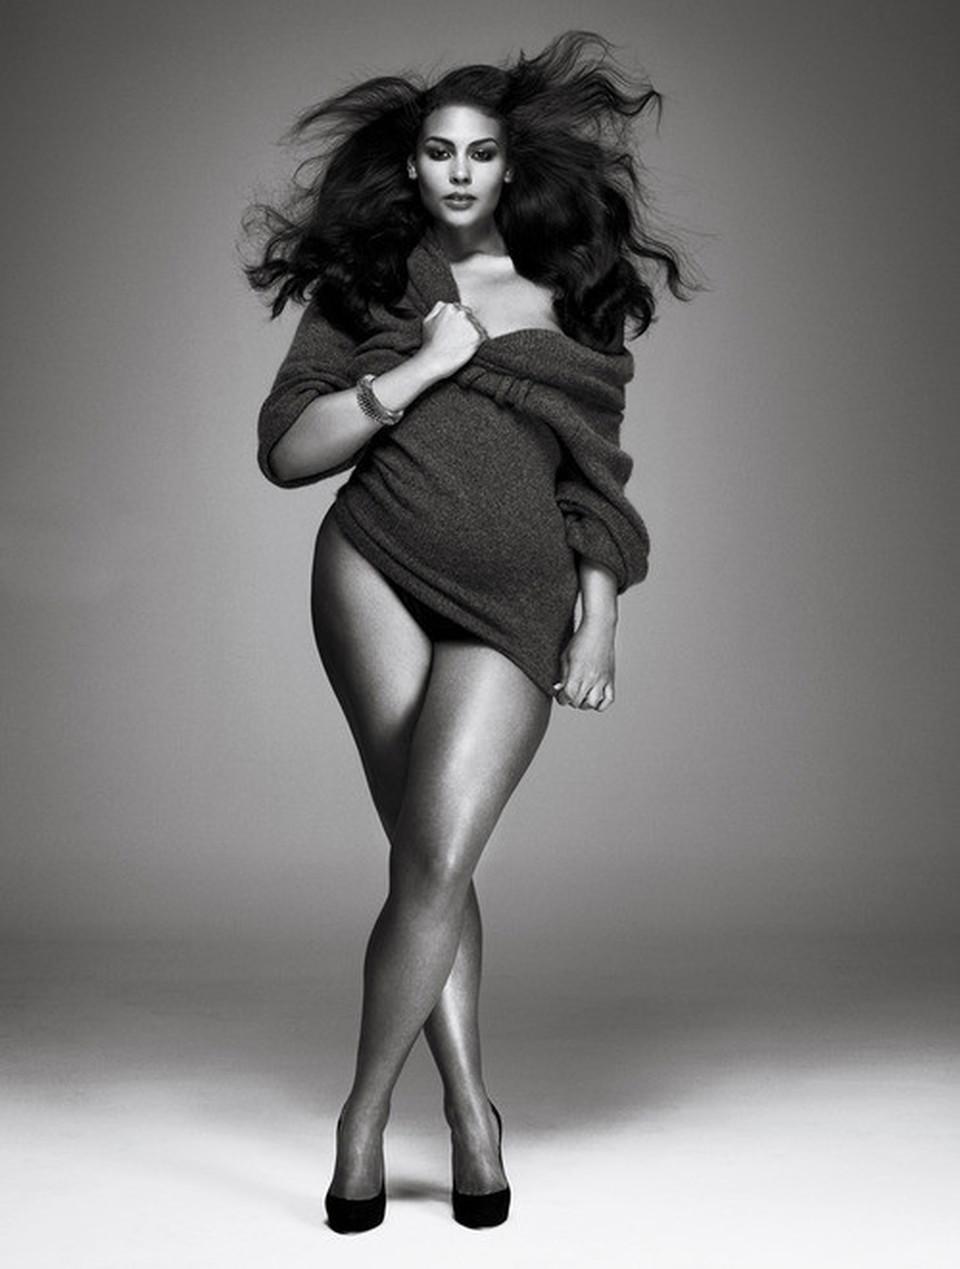 Толстая брюнетка девушка модель 11 фотография